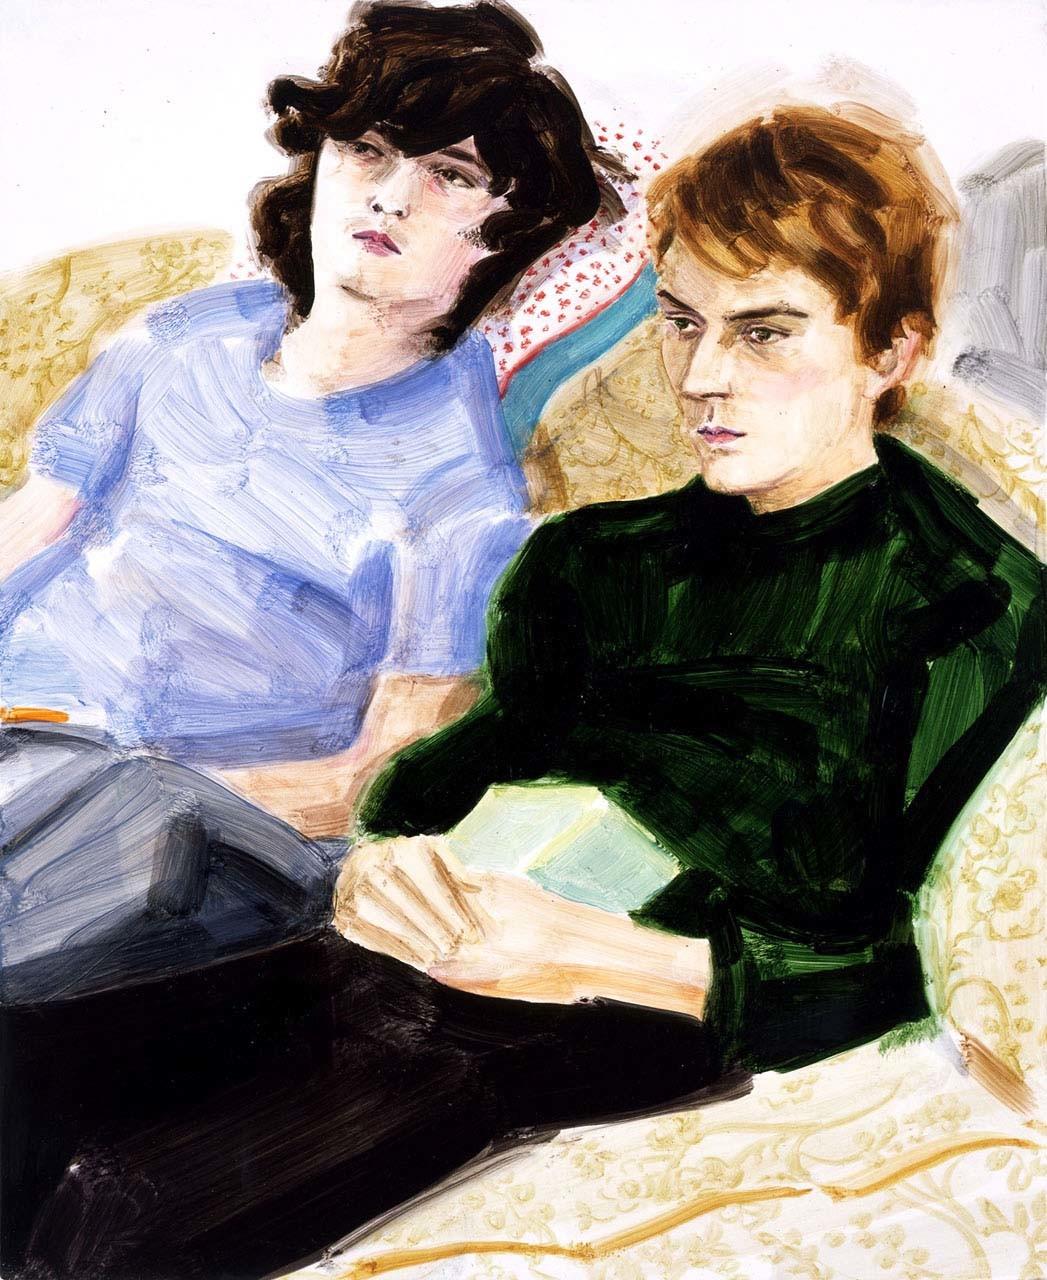 """<div class=""""artwork_caption""""><p>Ken and Nick, 2005</p></div>"""